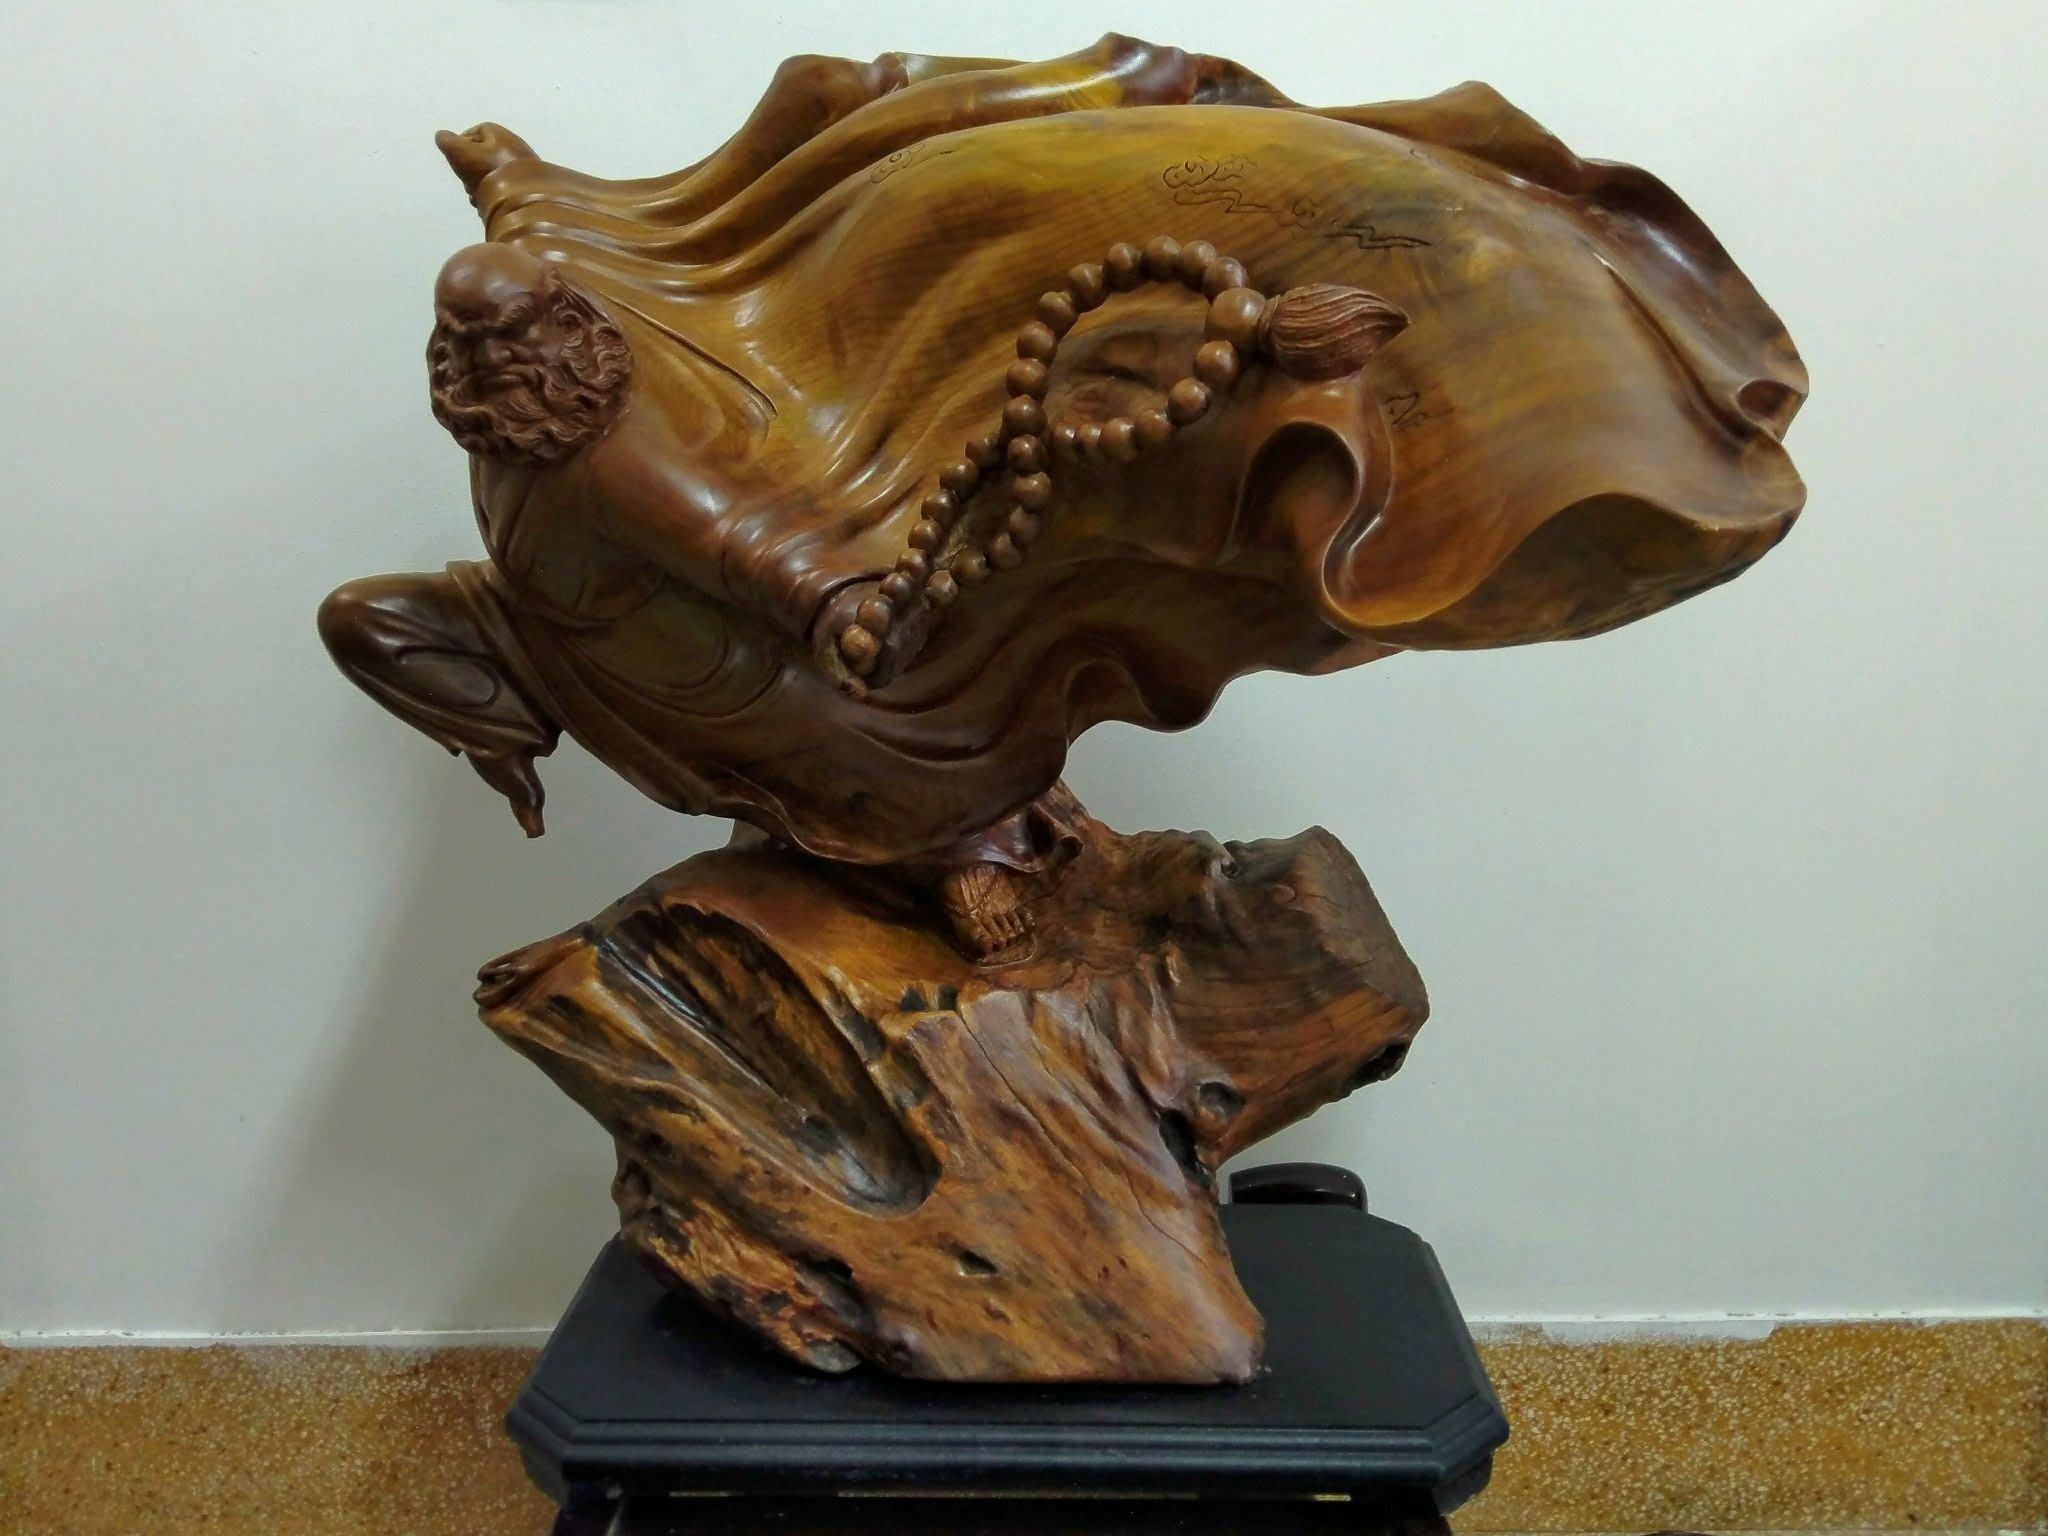 $賠售$ 貴州楠木雕刻藝品-武達摩 作家落款、非崖柏、花梨木、